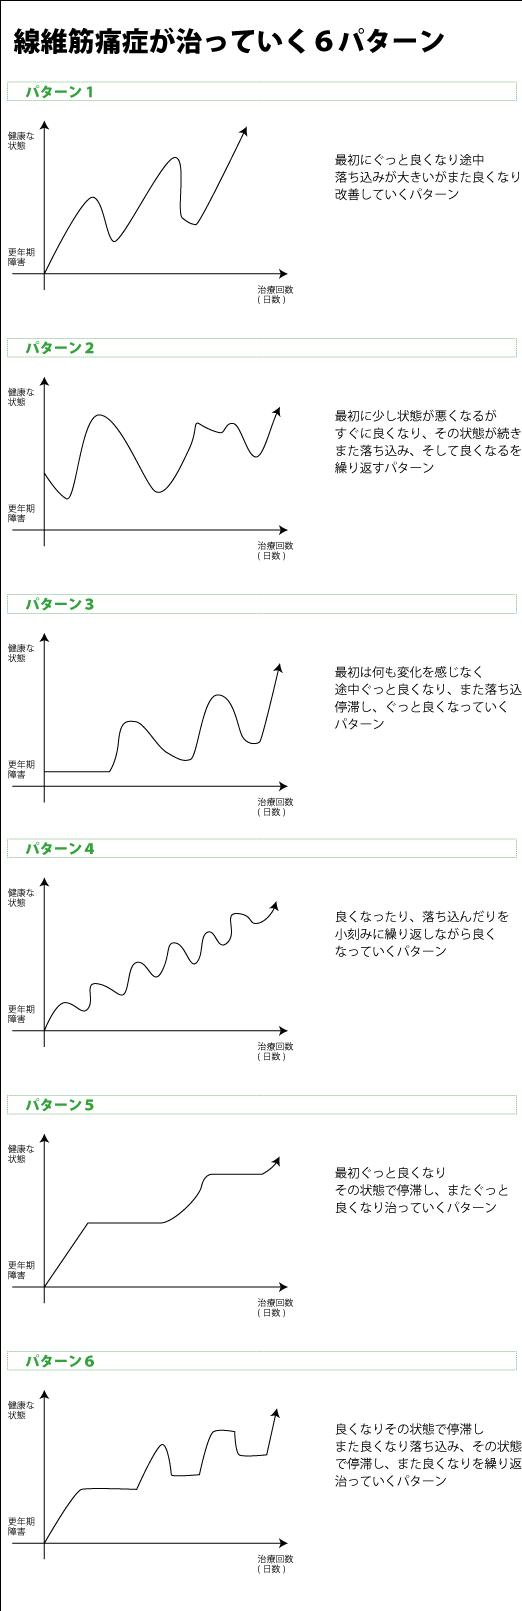 線維筋痛症のグラフ